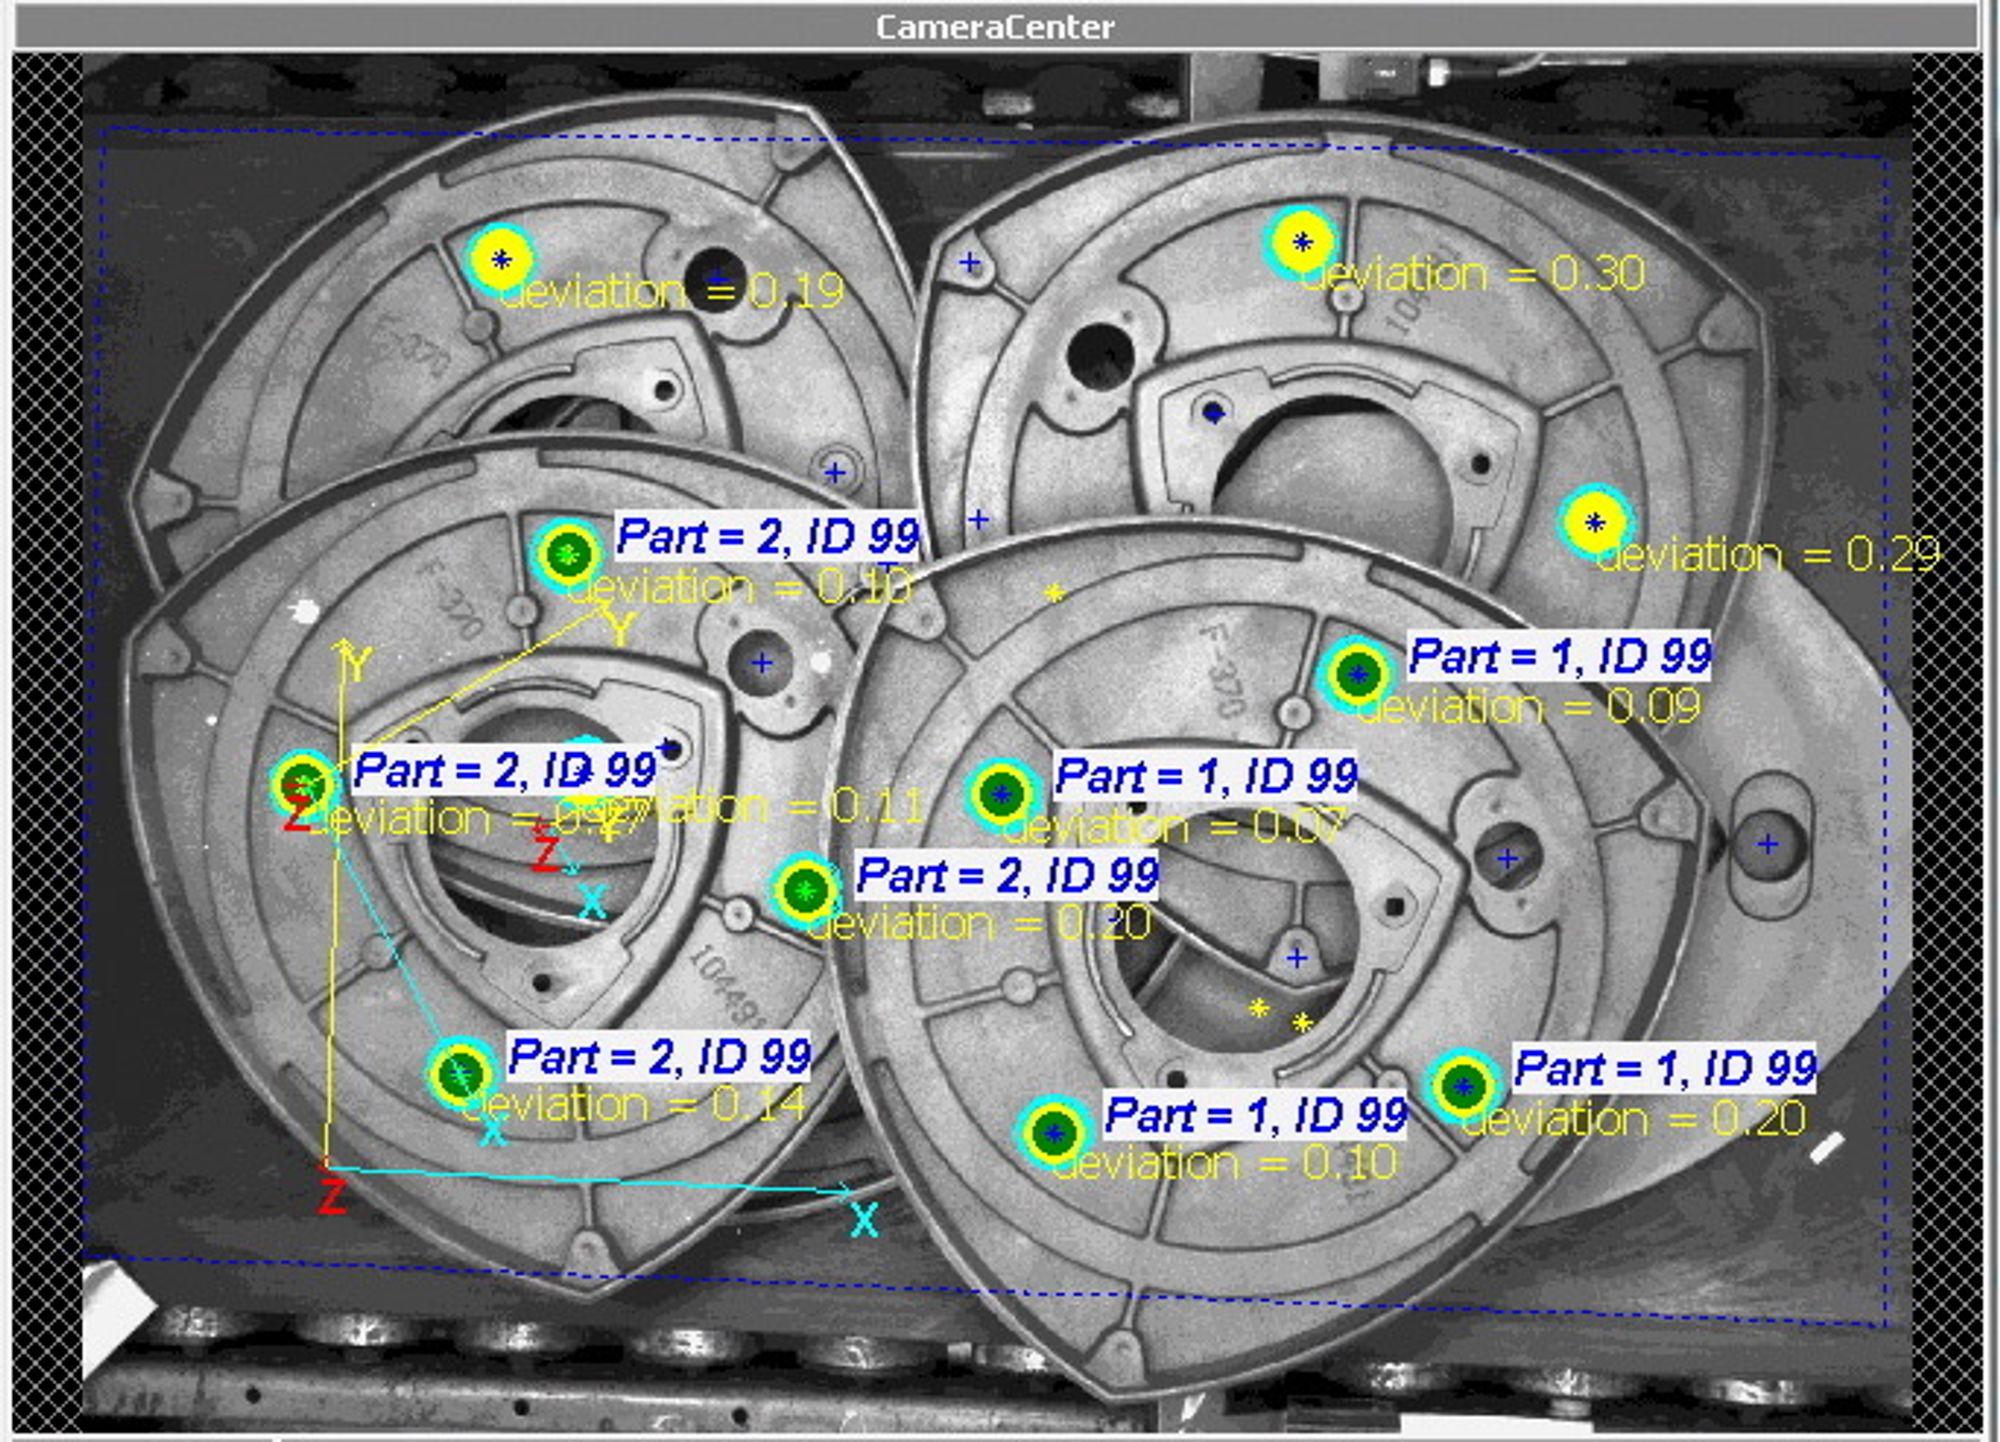 Bildebehandling er ingeniørkunskap, her et eksempel fra vilkårlig plukking fra kasse (random bin-picking).